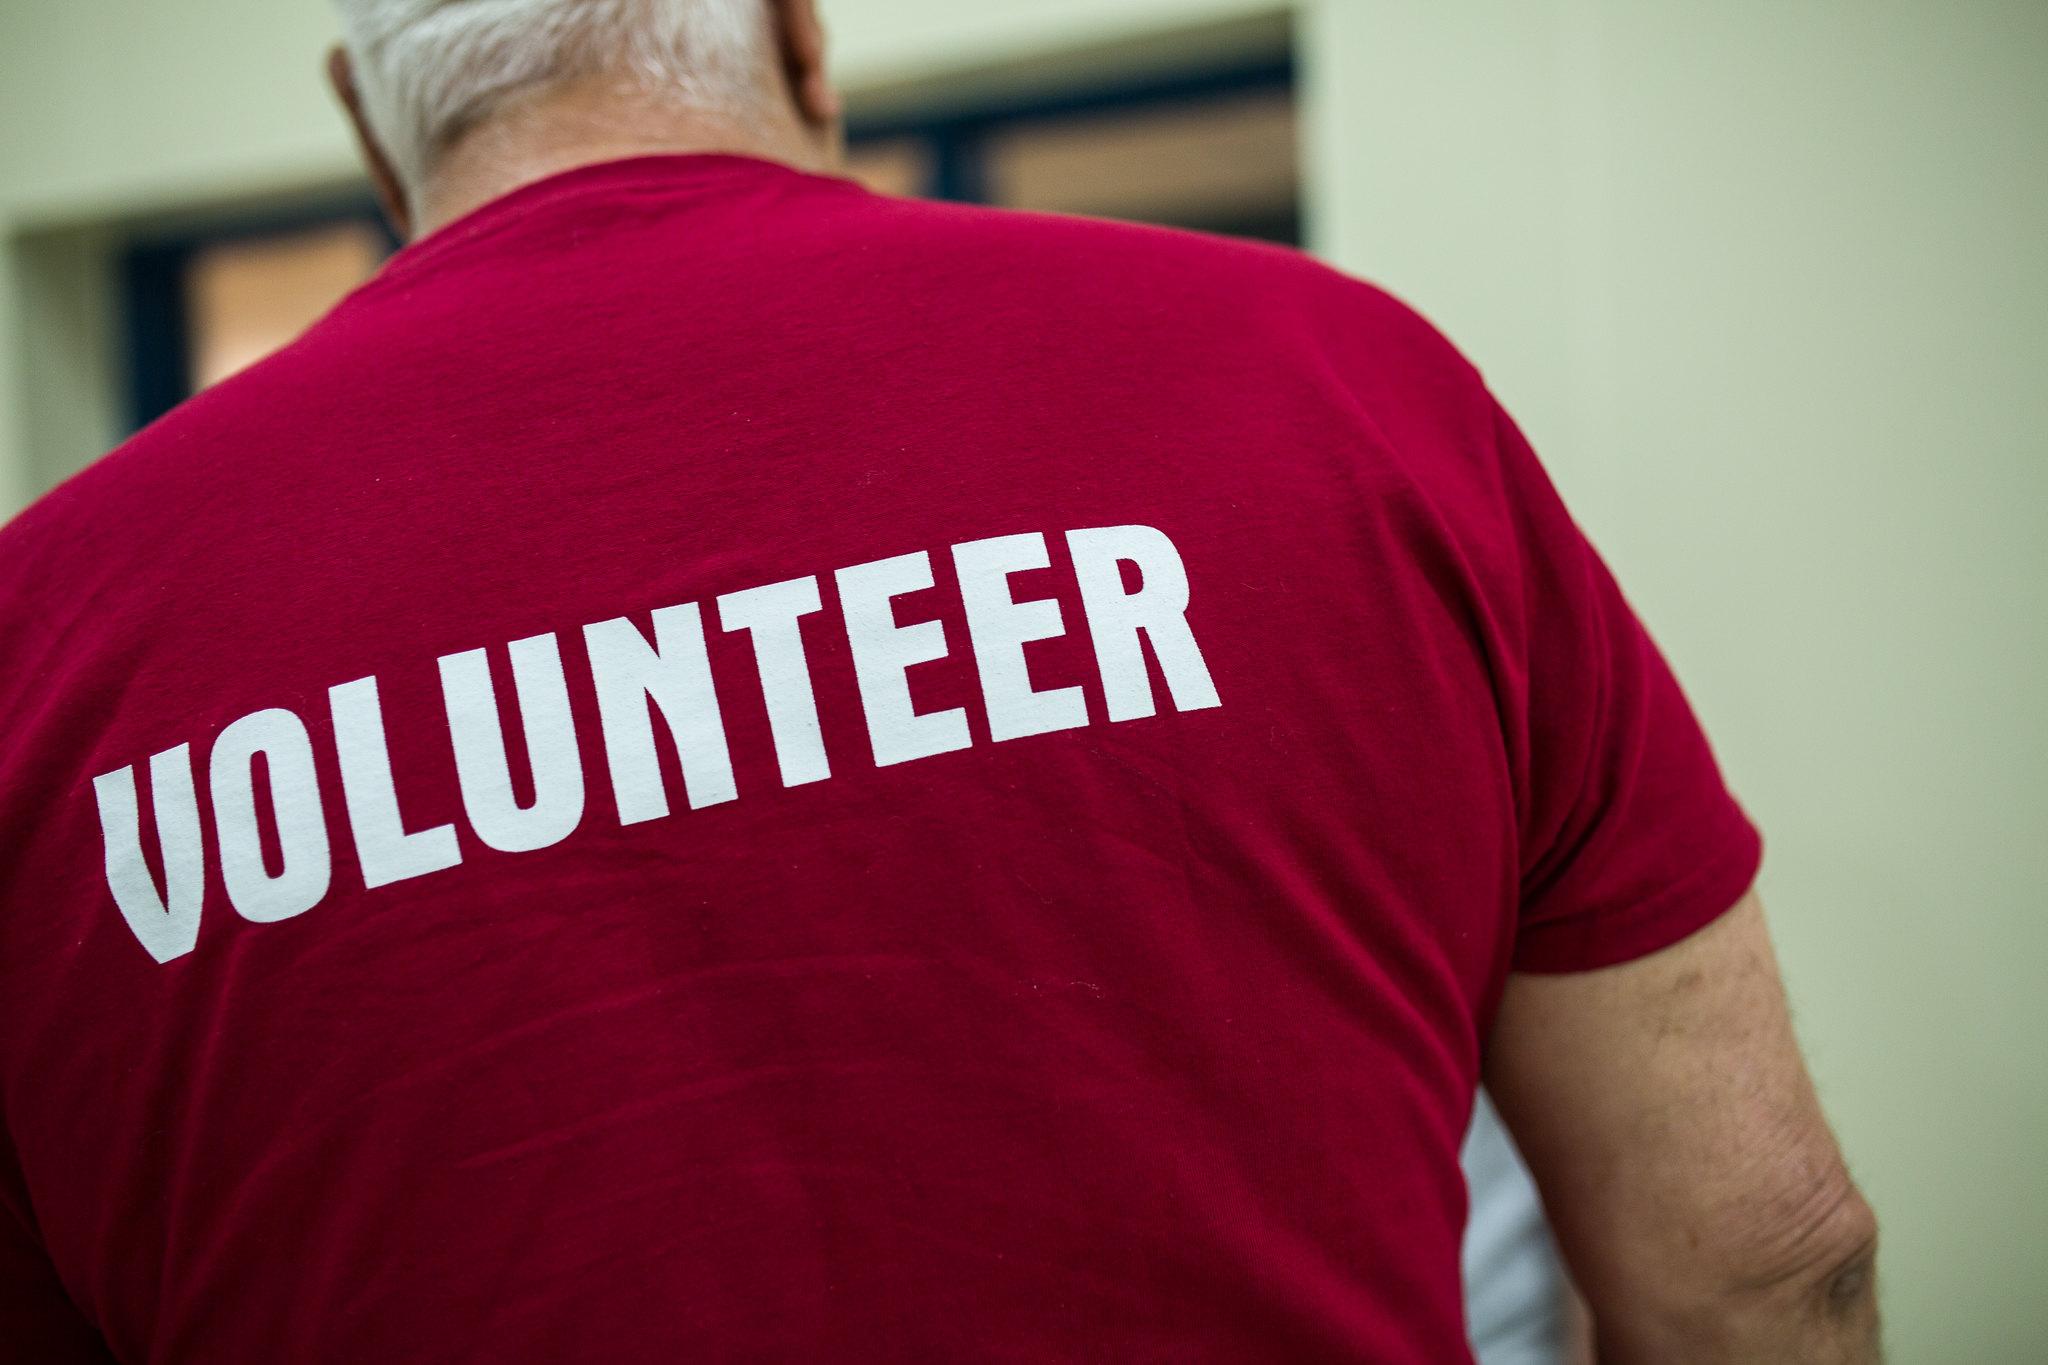 National Volunteer Week 2020: Thank You To Our YMCA Volunteers!